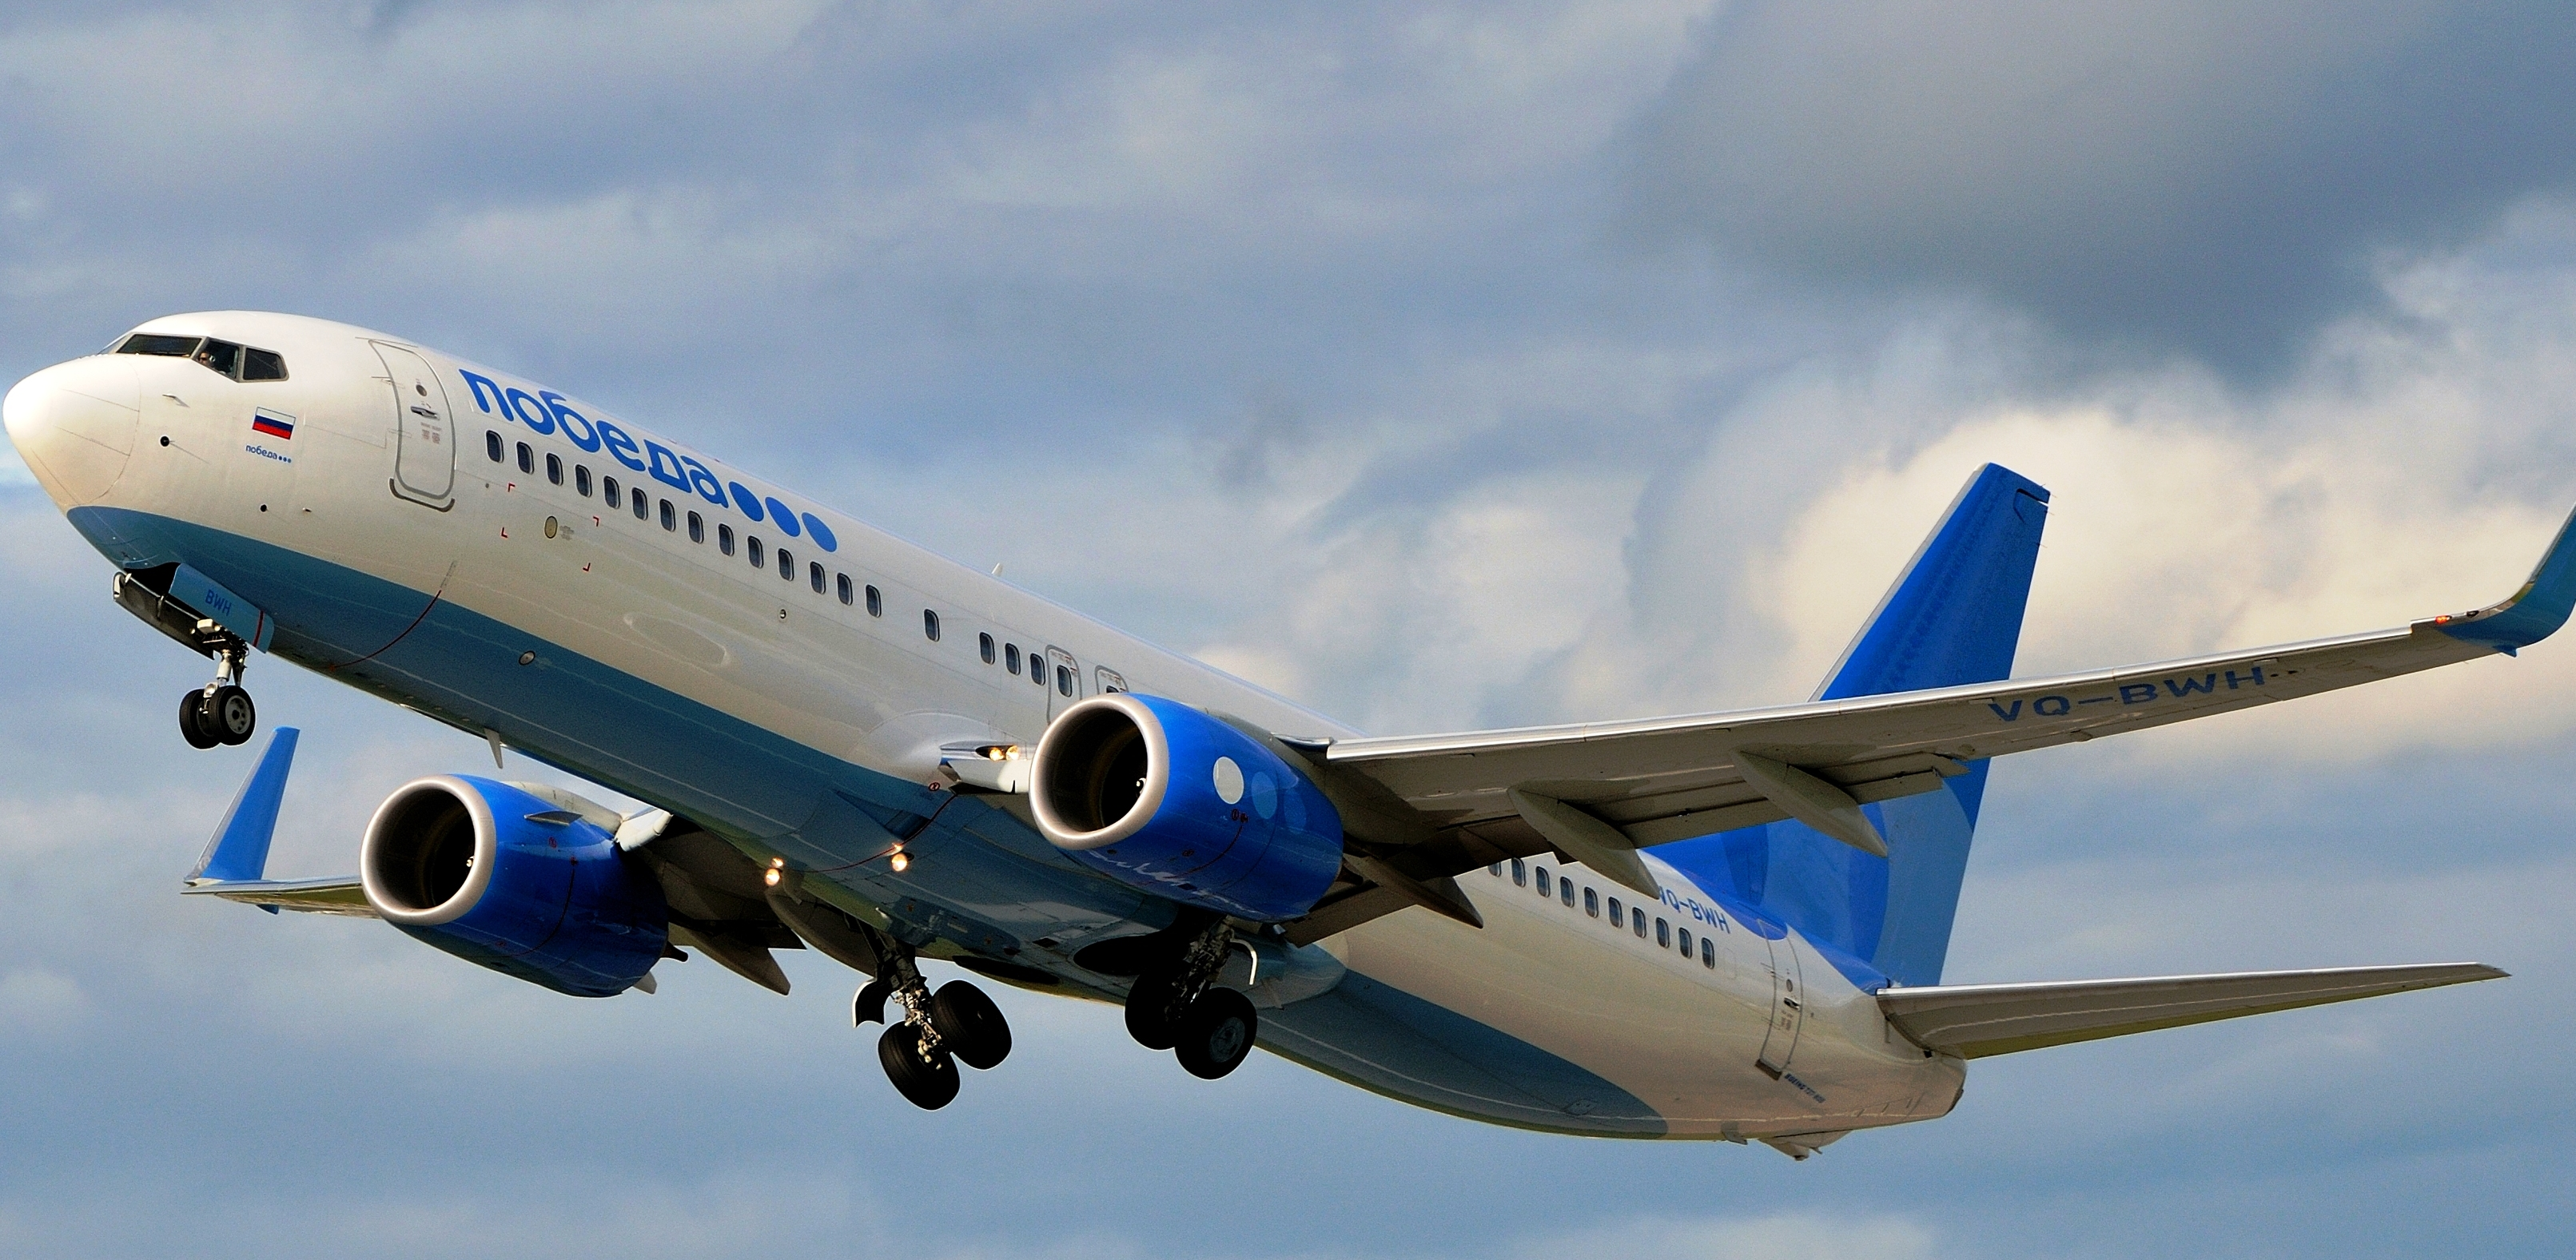 «Победа» объявила благодарность стюардессе и пилотам, снявшим с рейса волейболиста Кимерова